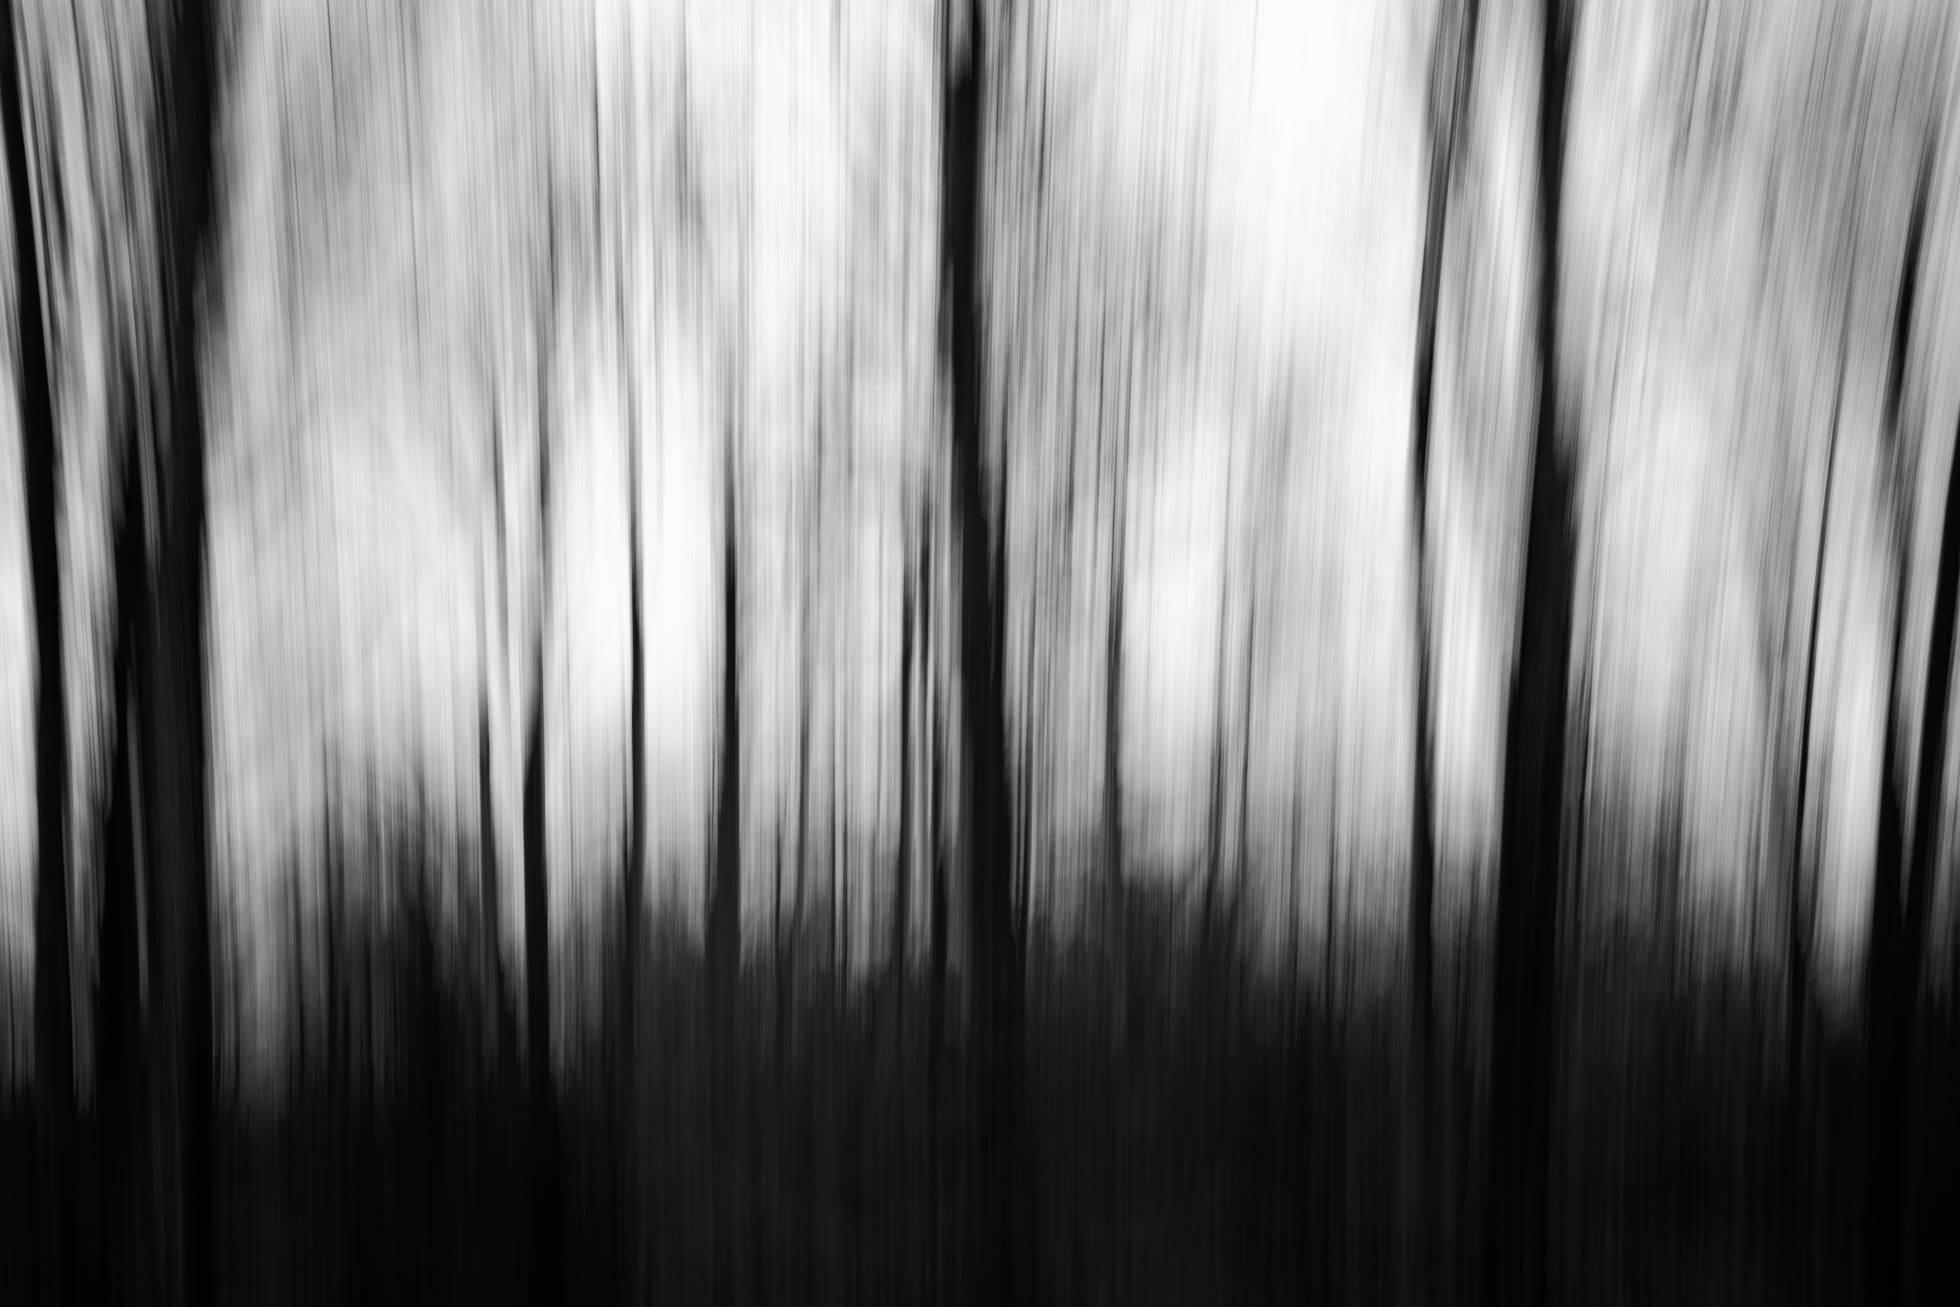 2018.01.12-Vertical-Panning--Jennifer-Carr-Photography-Virginia-Beach-4.jpg